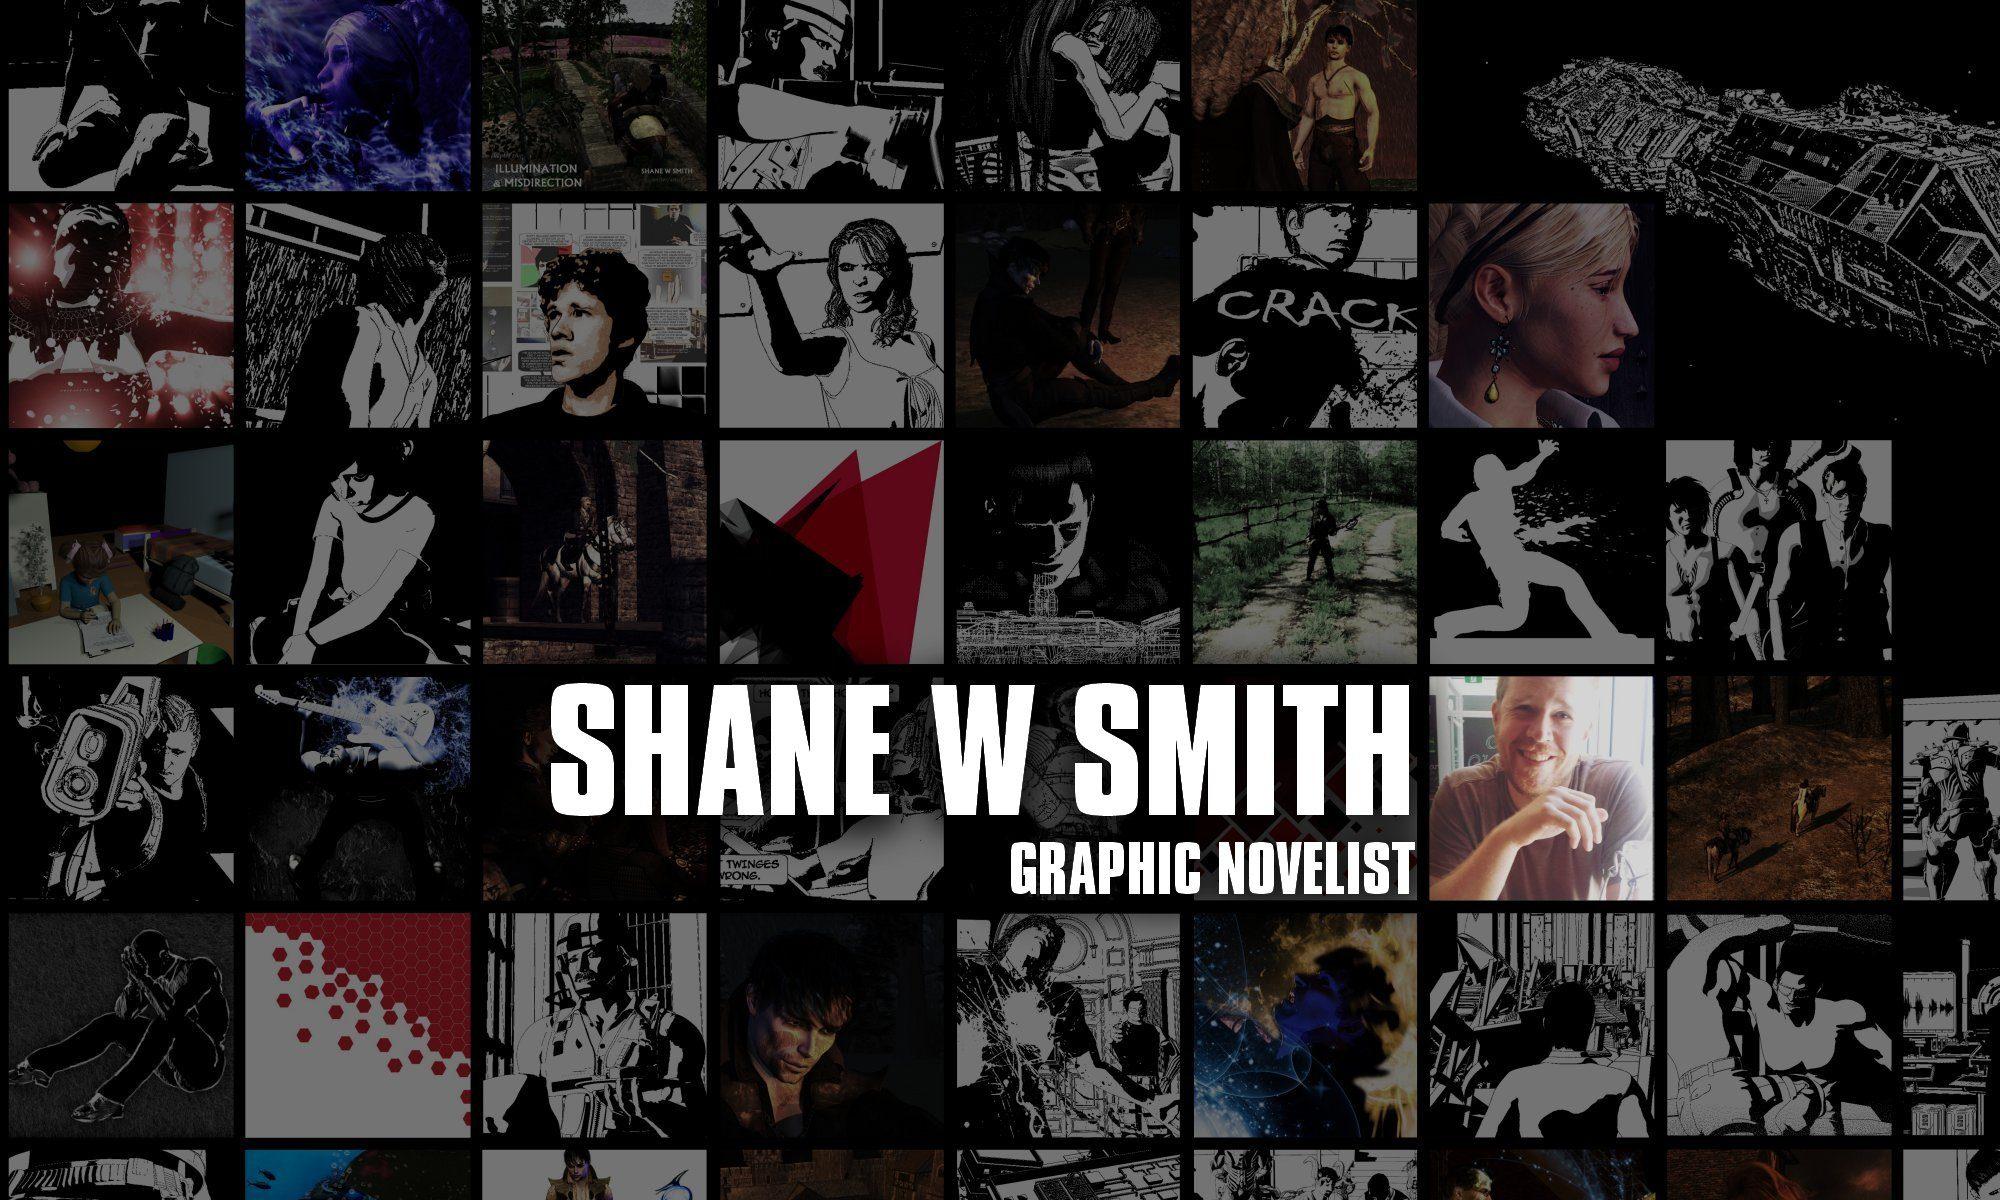 Shane W Smith